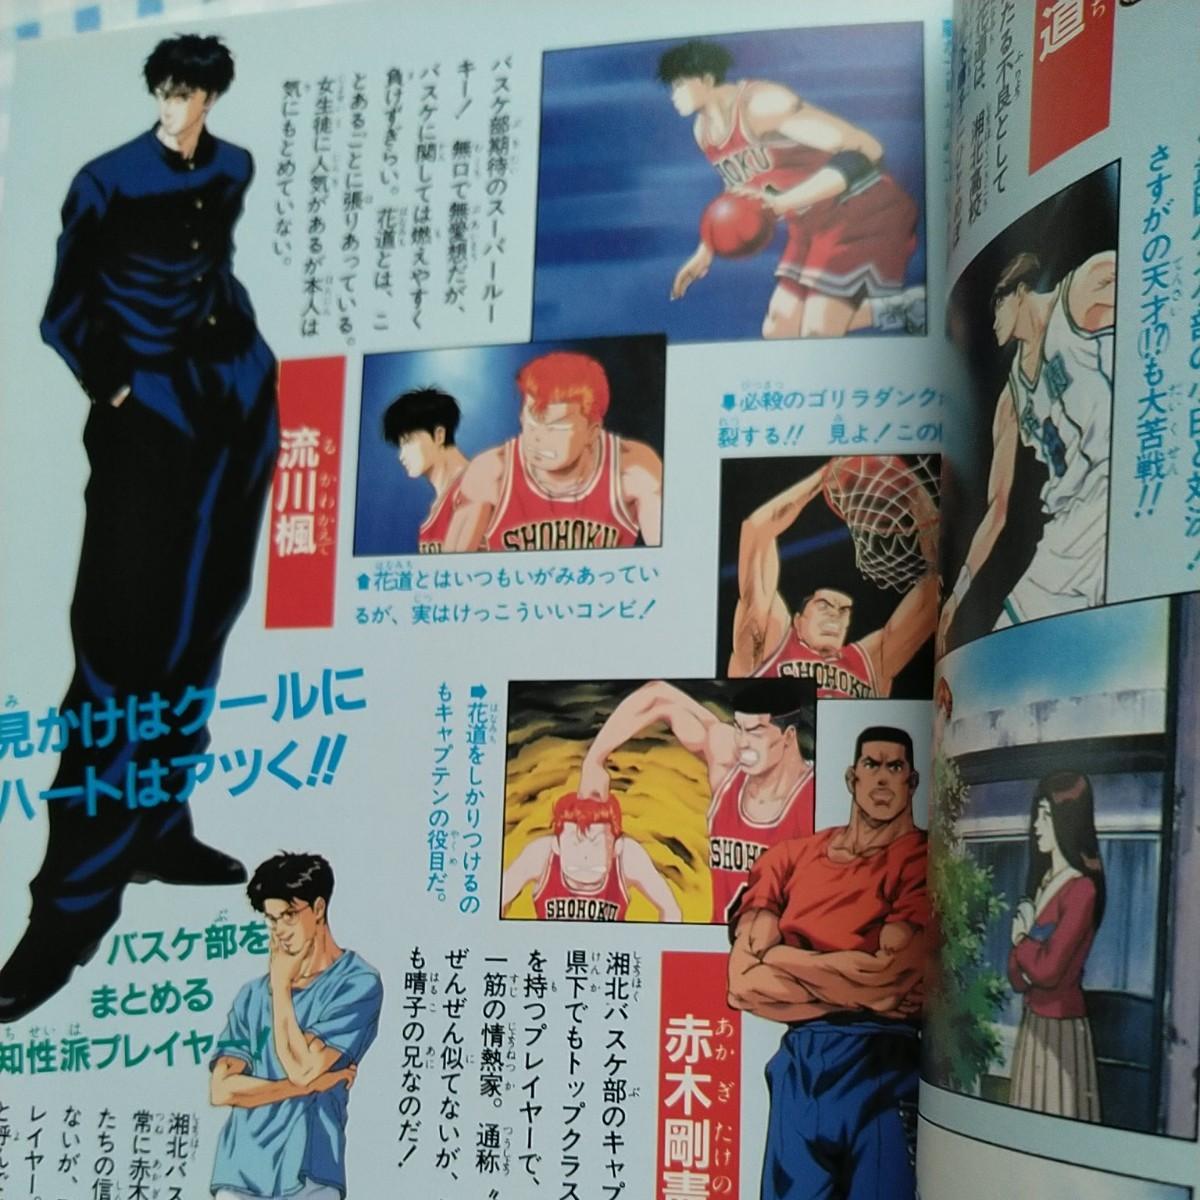 SLAM DUNK  1 アニメコミックス/集英社/週刊少年ジャンプ編集部